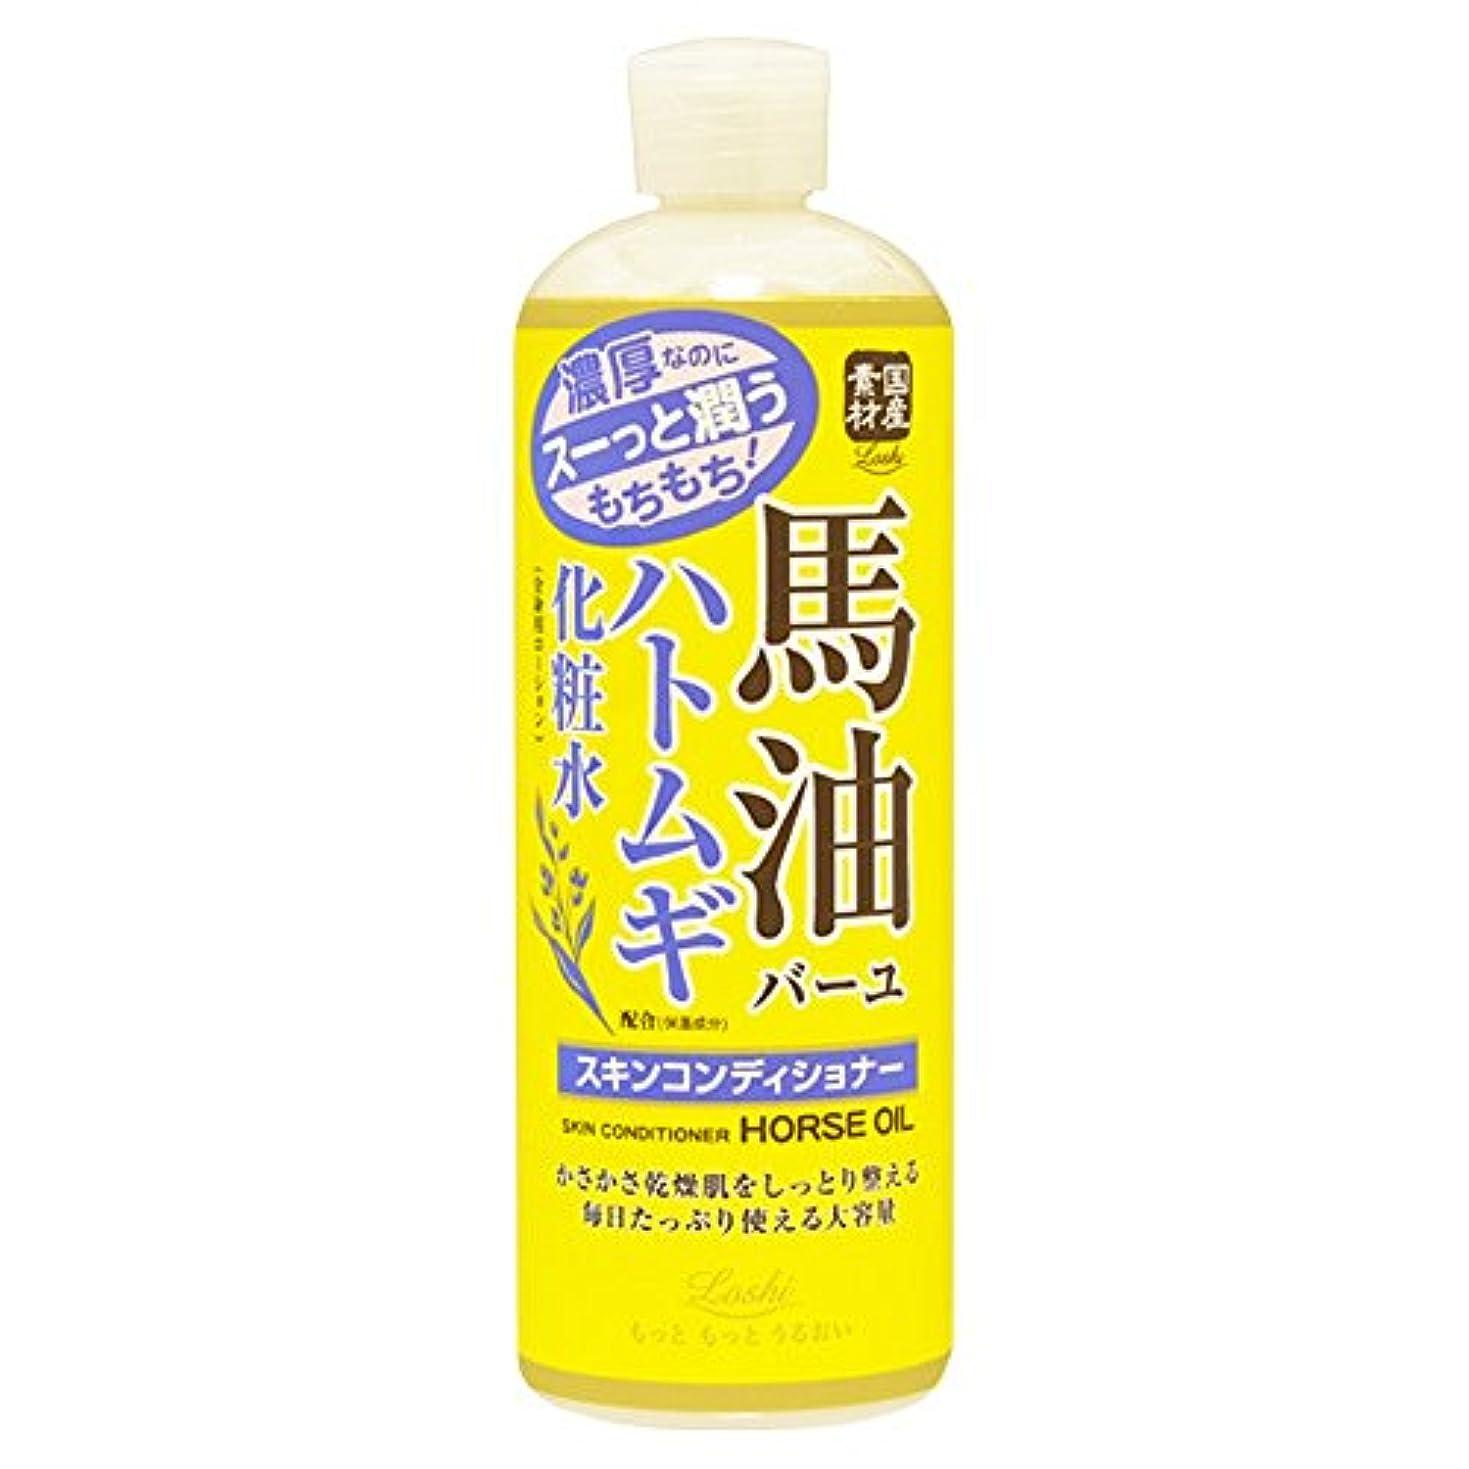 ぬれた大学そこロッシモイストエイド スキンコンディショナー 馬油&ハトムギ 500ml (化粧水 ローション 高保湿)